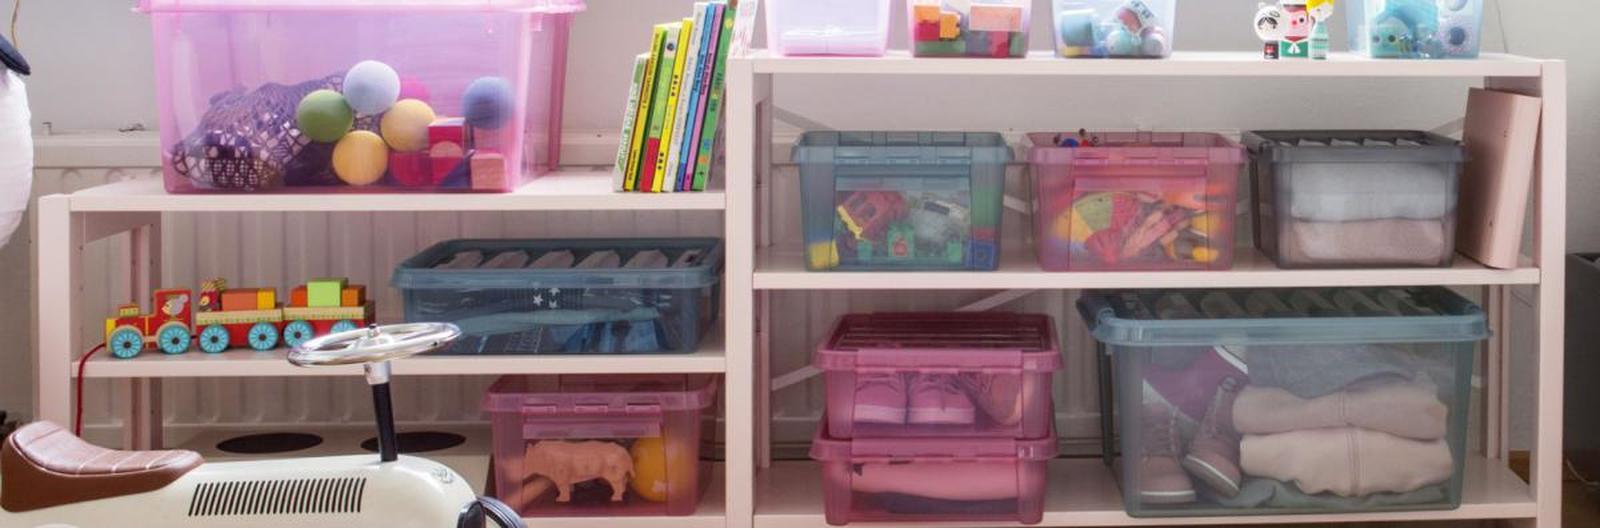 Full Size of Aufbewahrungsboxen Kinderzimmer Ikea Plastik Amazon Aufbewahrungsbox Ebay Mit Deckel Holz Mint Design Stapelbar Aufbewahrung Regal Regale Sofa Weiß Kinderzimmer Aufbewahrungsboxen Kinderzimmer